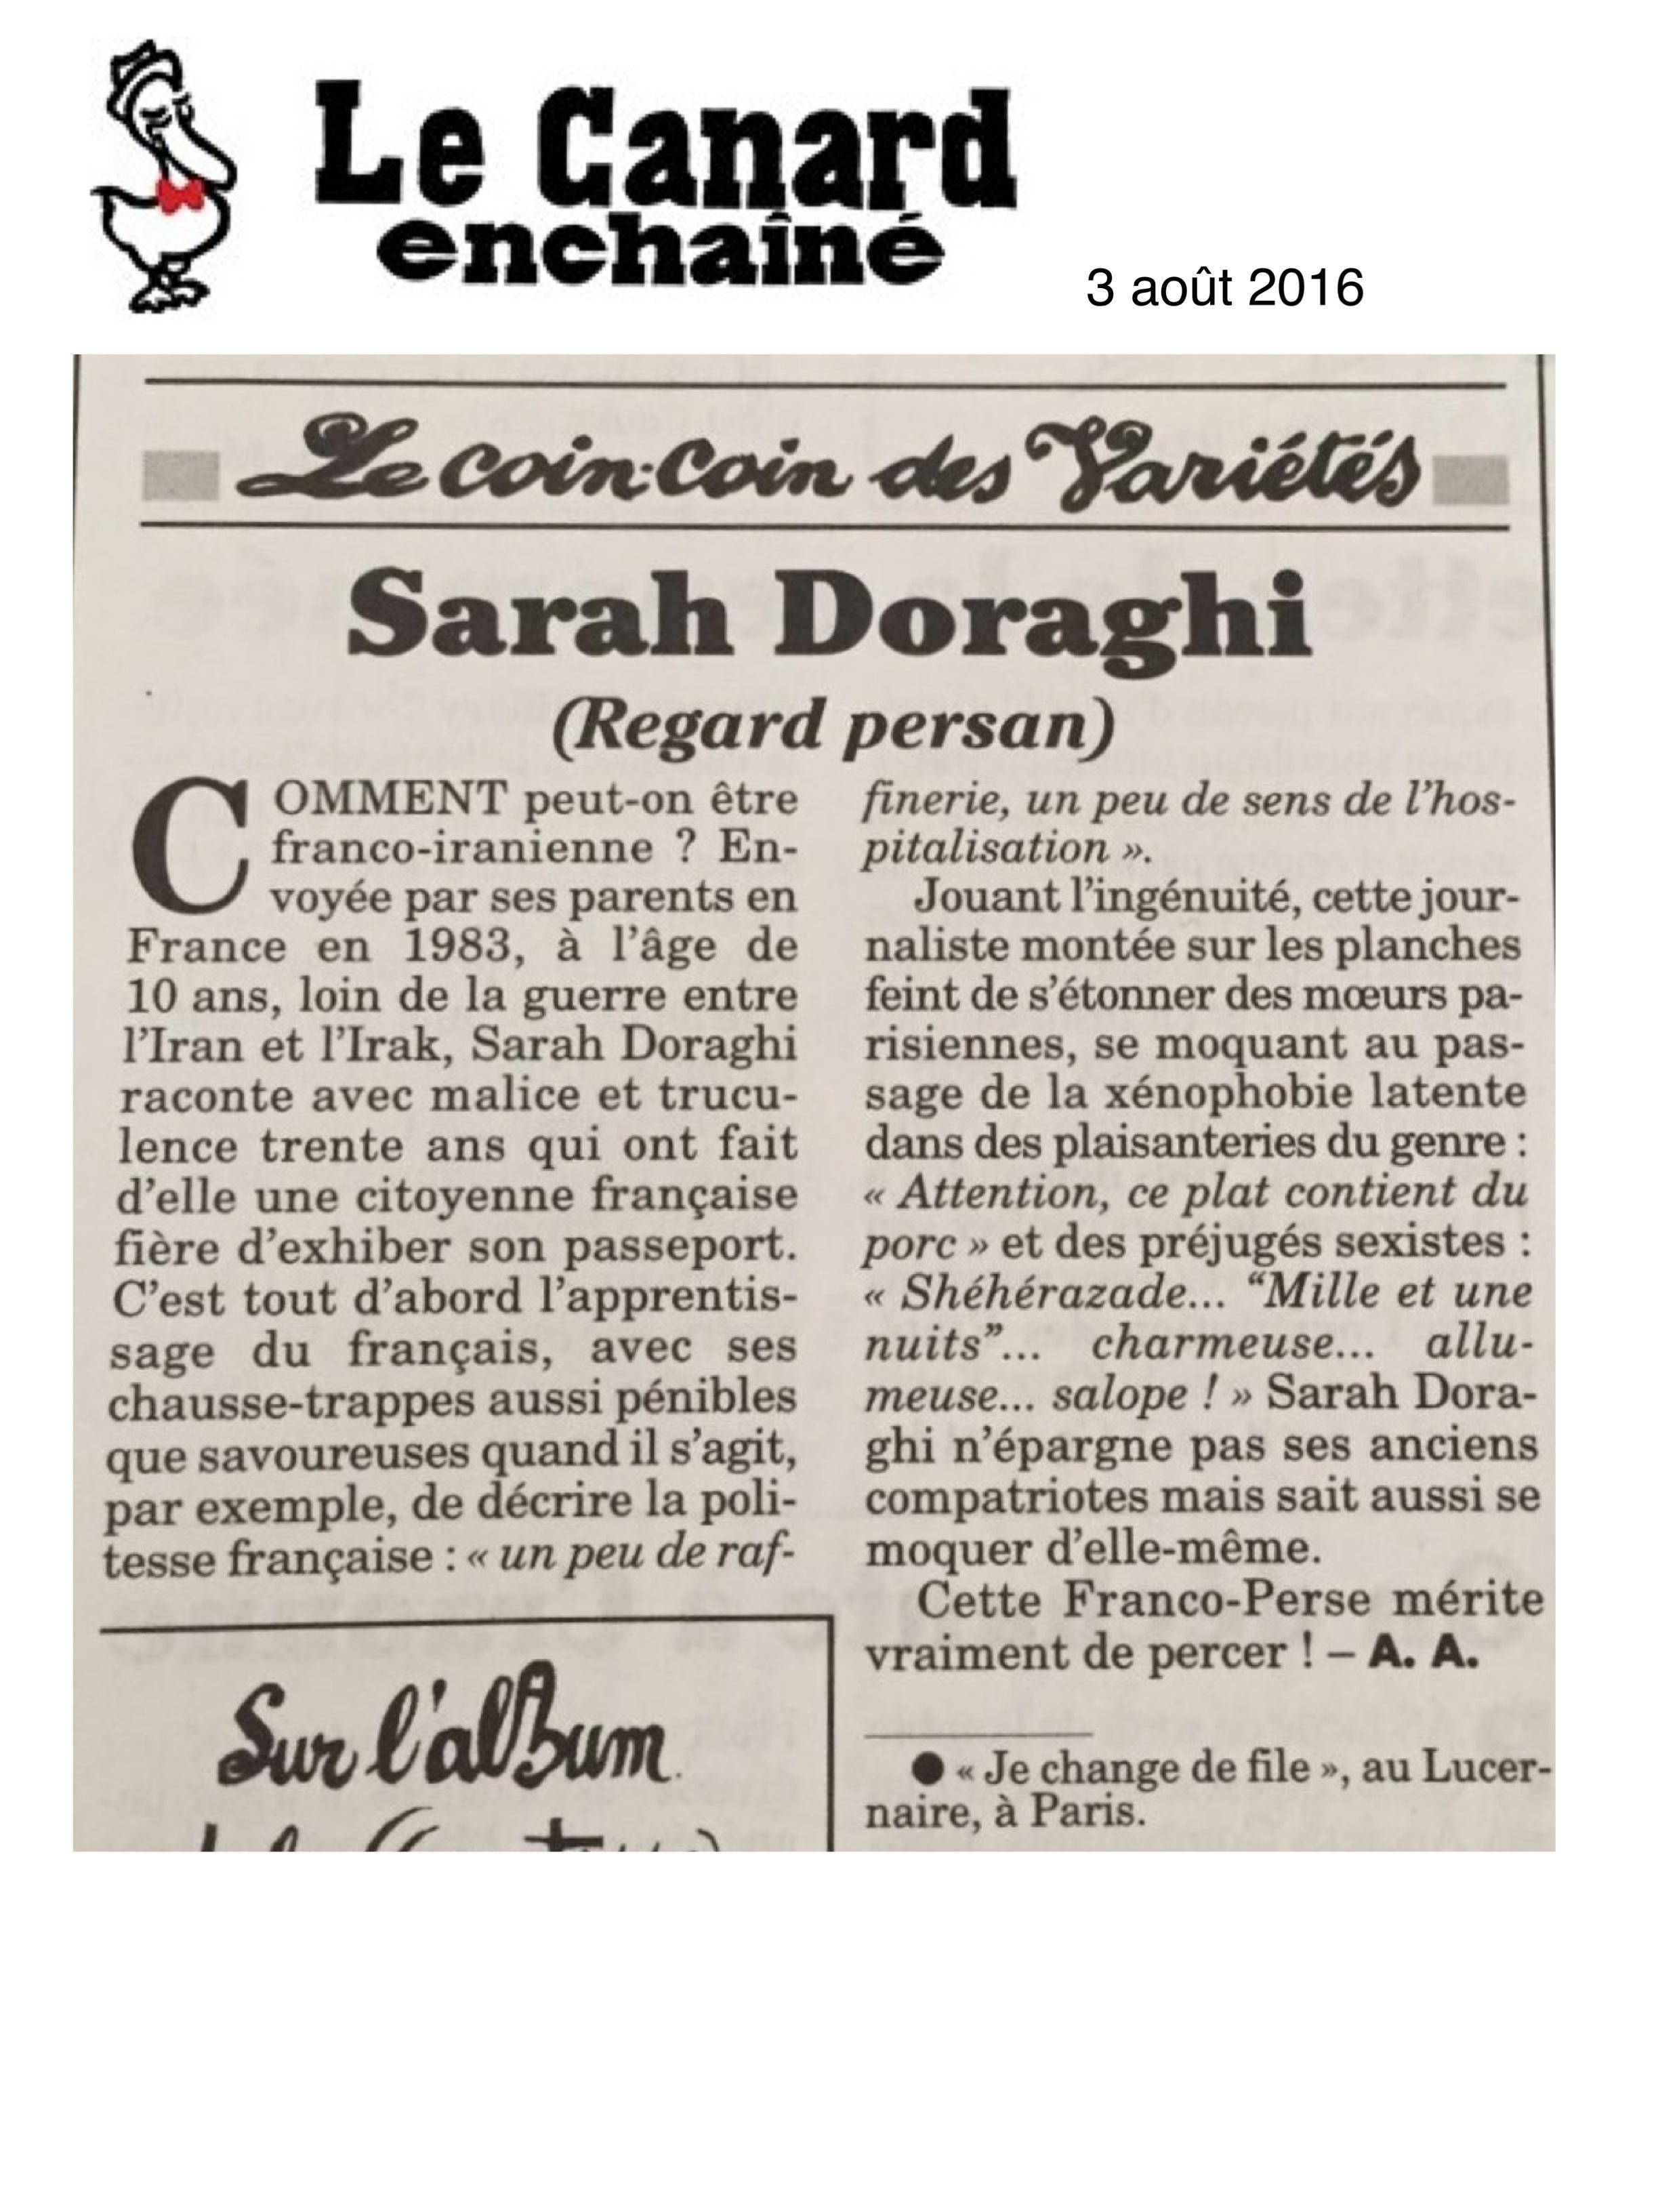 Le Canard Enchainé 03.08.16